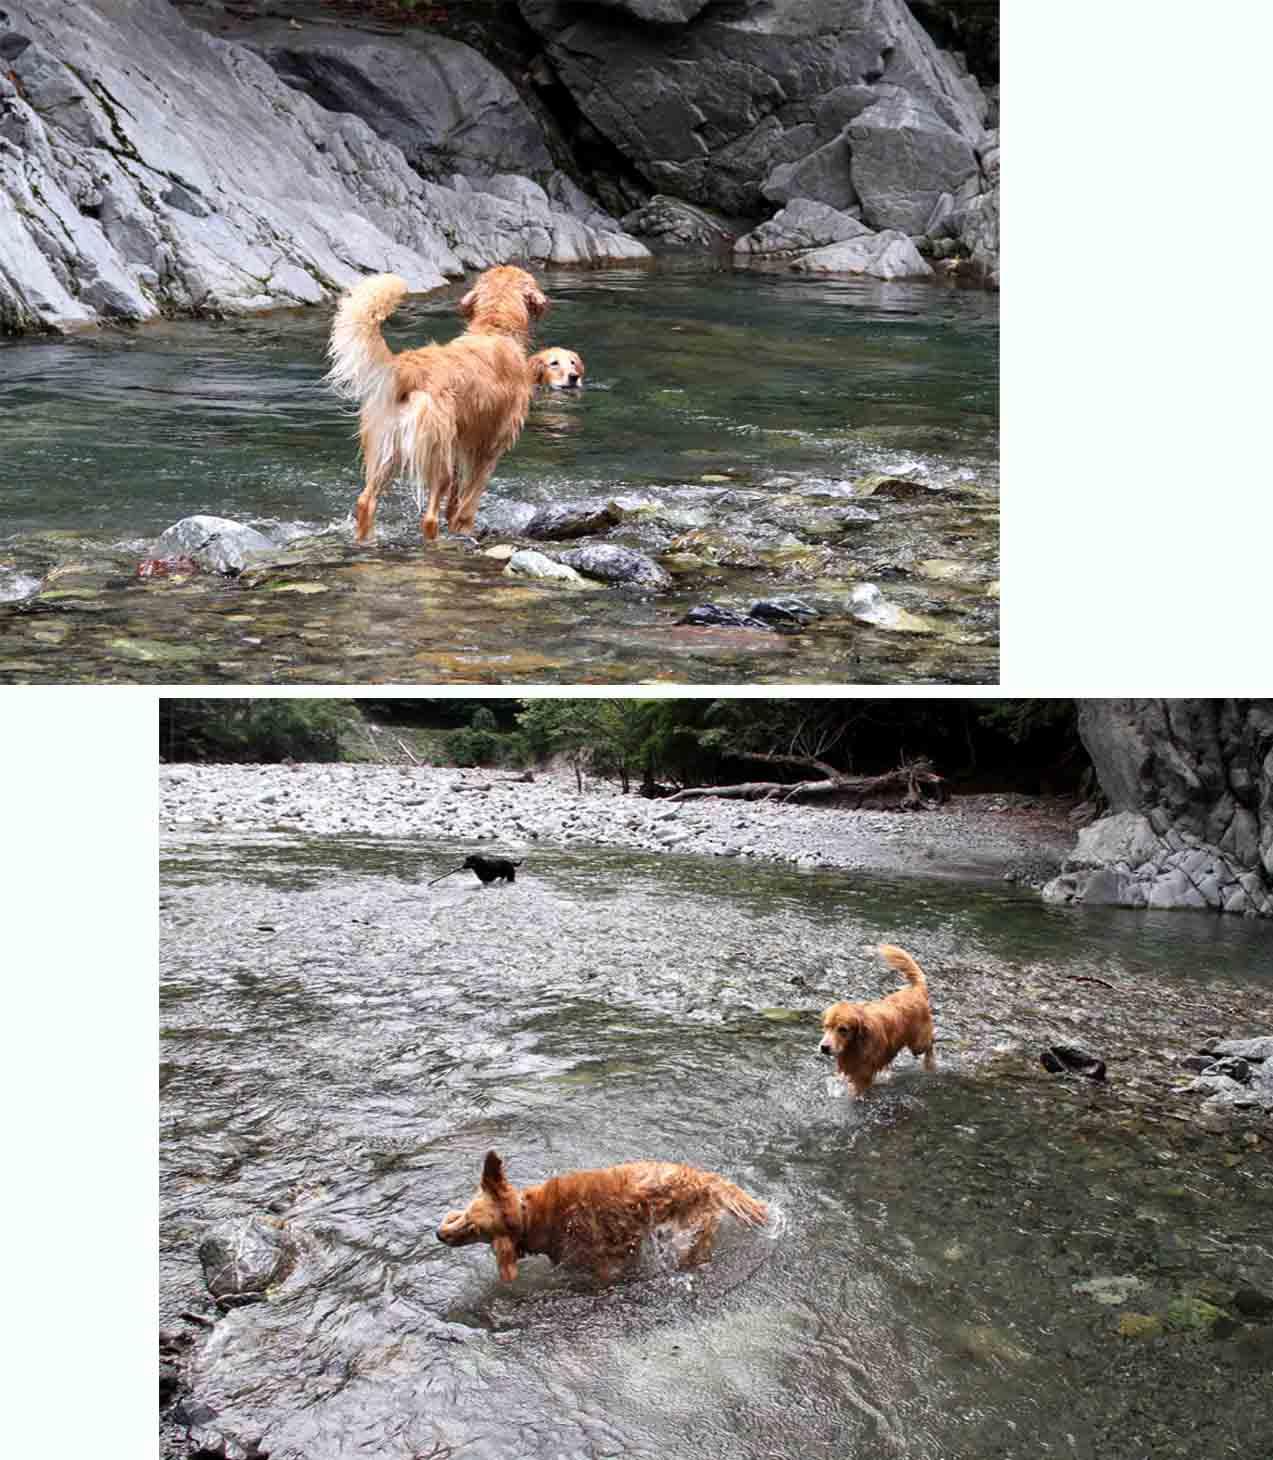 三峰川 7月14日 3度目の渓流 レトリーブ(30)